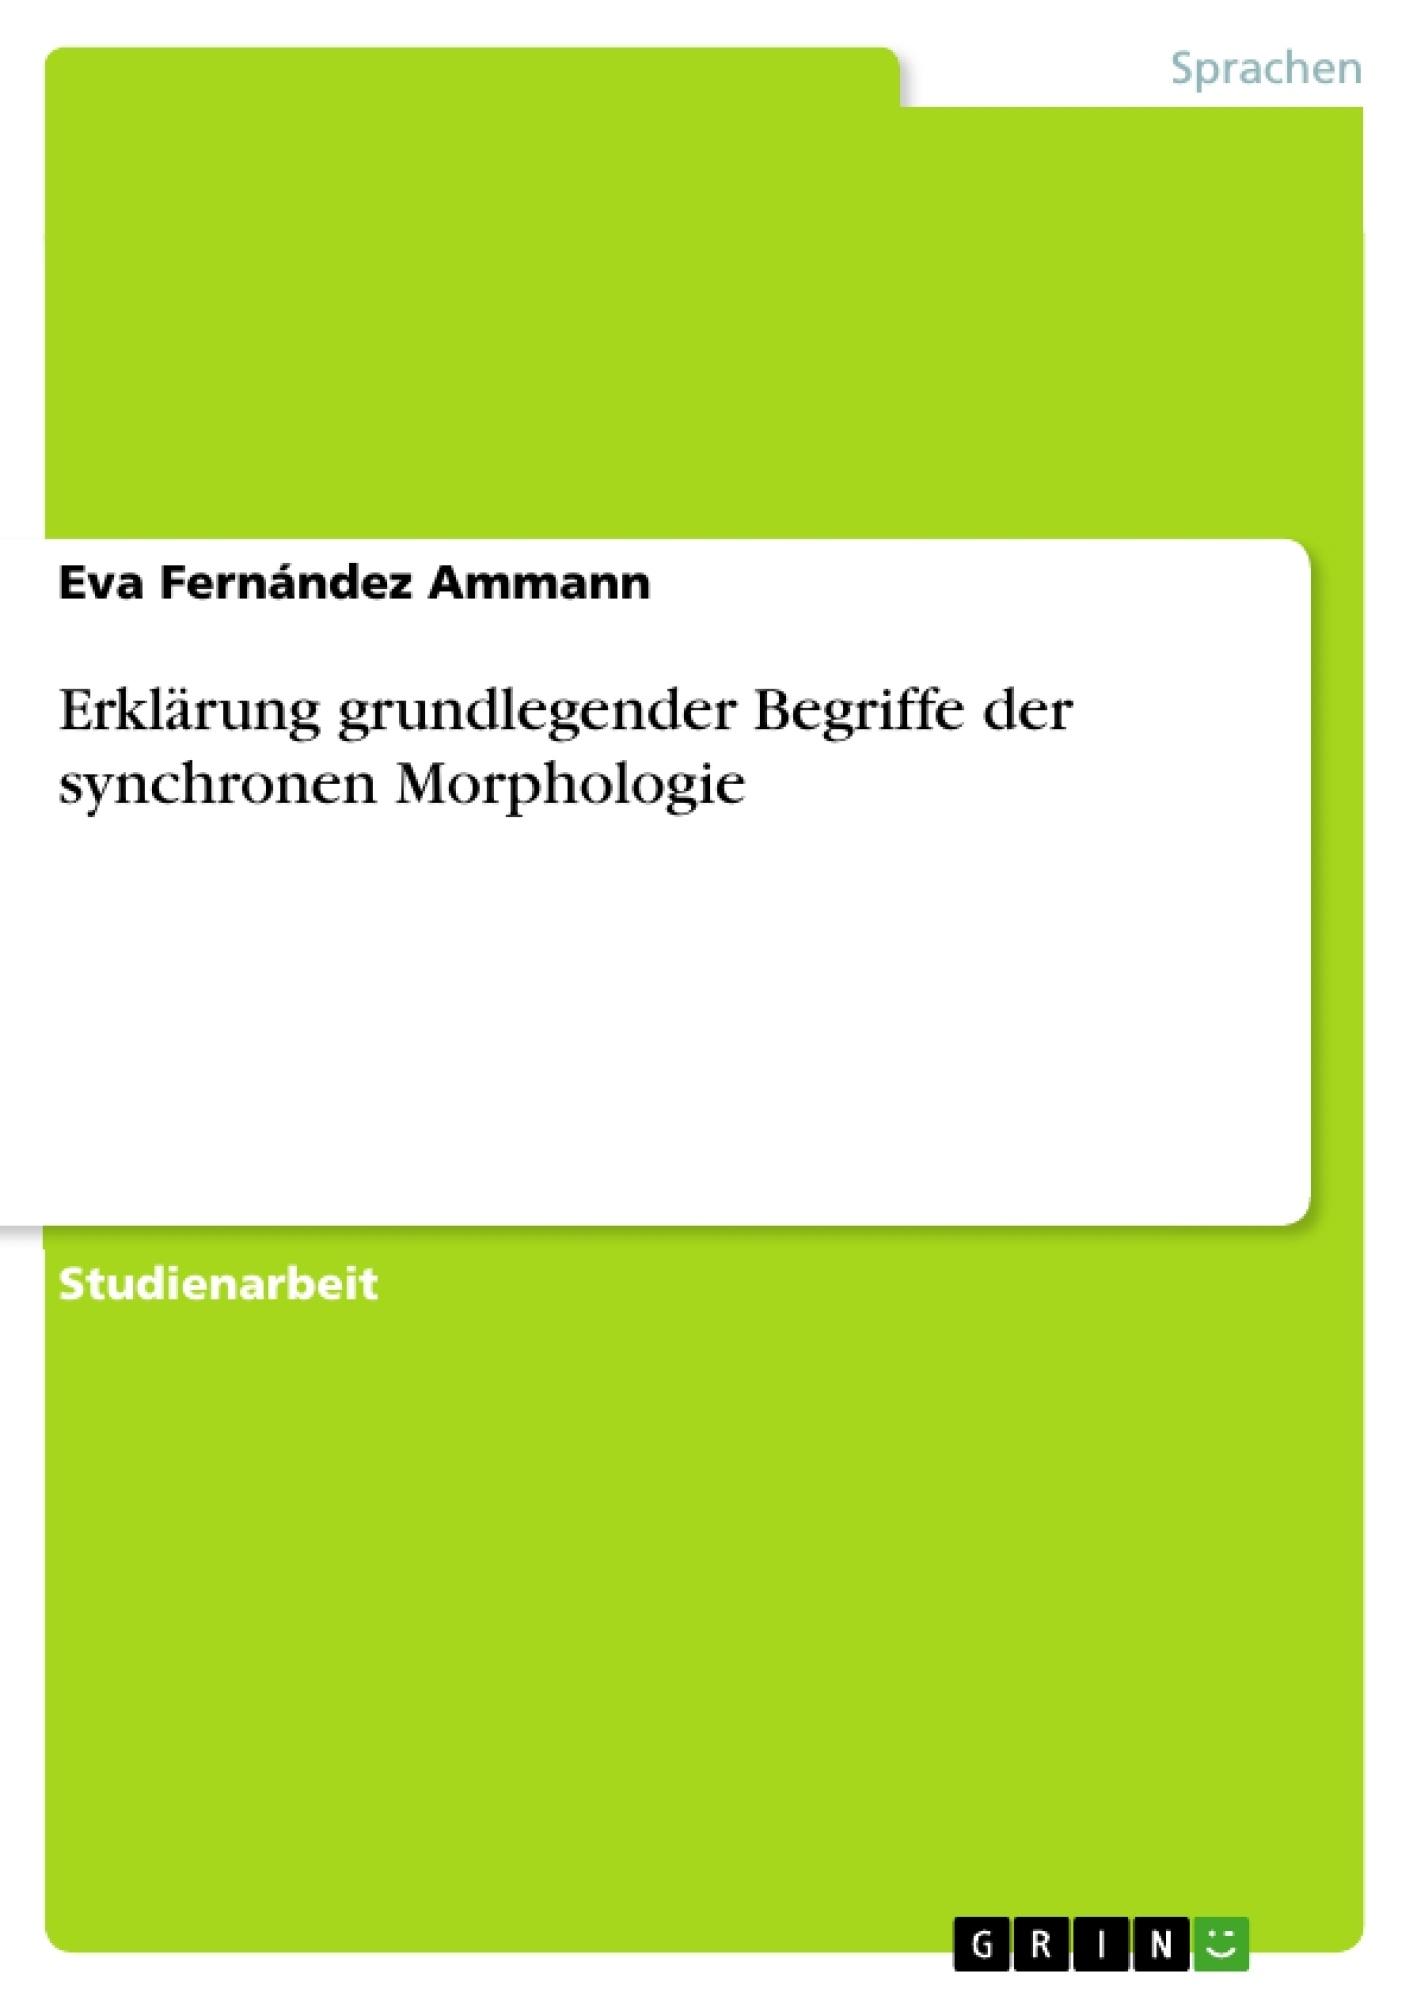 Titel: Erklärung grundlegender Begriffe der synchronen Morphologie